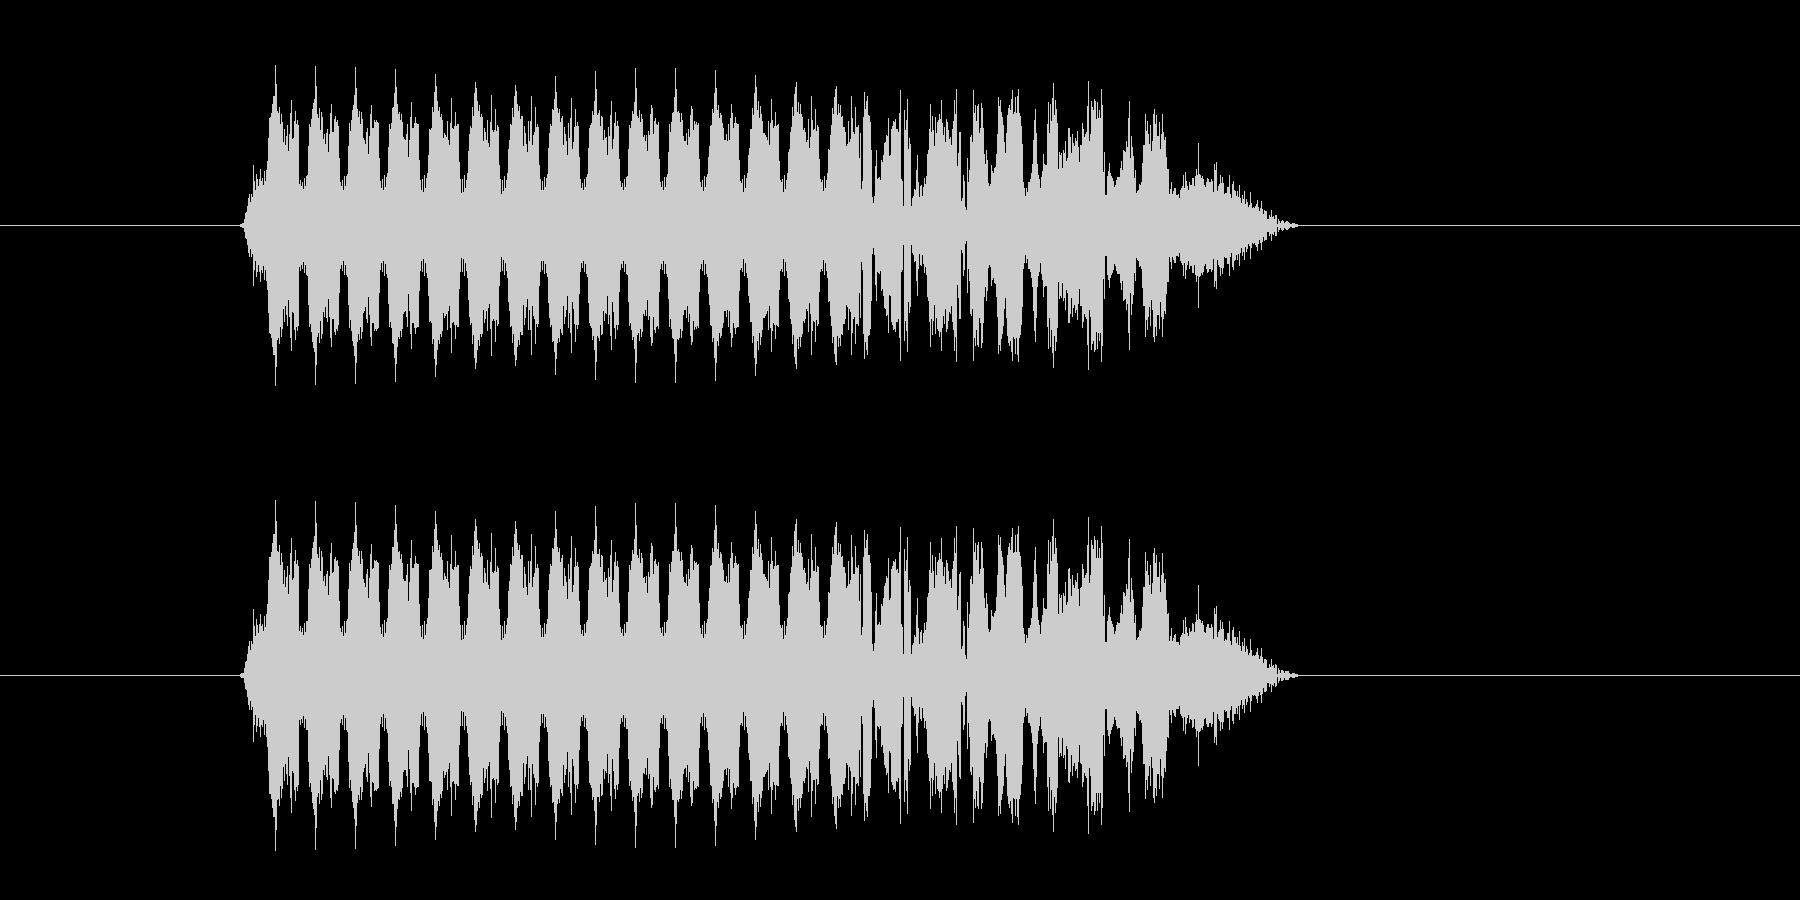 キュルキュルキュル(バラエティ、番組)の未再生の波形